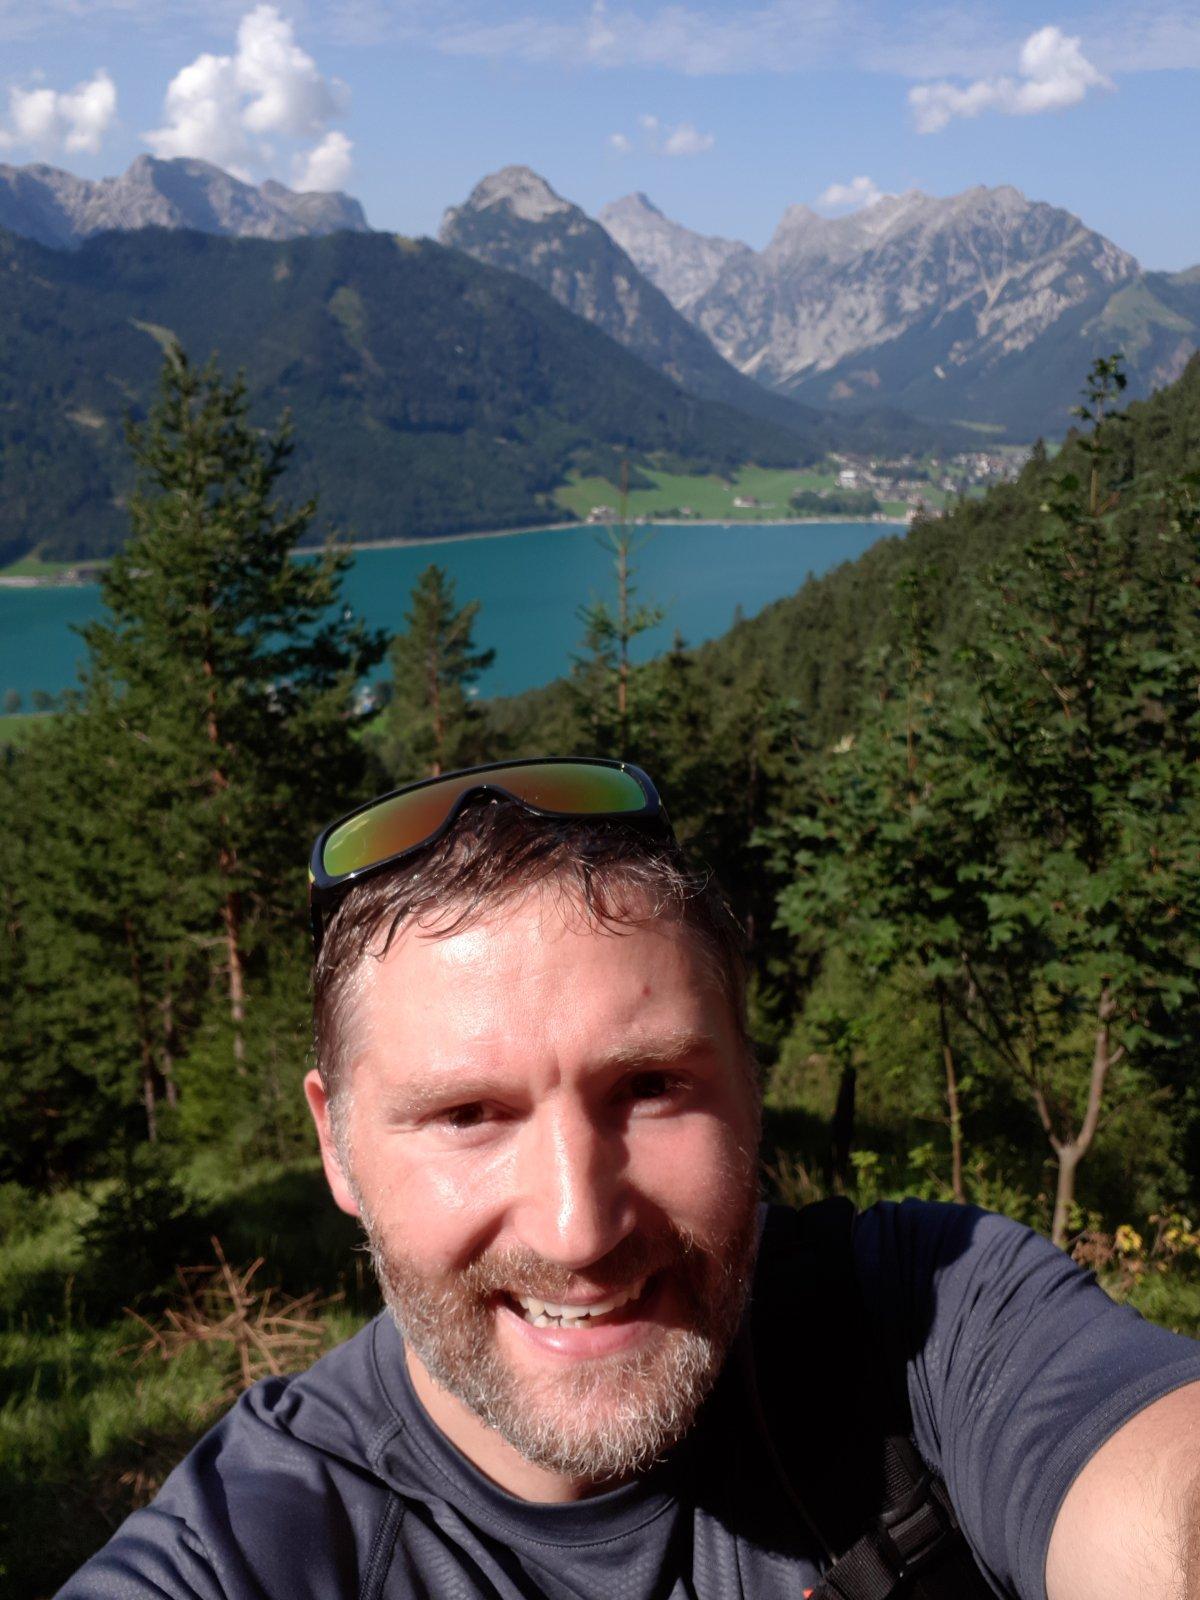 Auf dem Foto ist Matthias Schmieder zu sehen. Im Hintergrund sind ein See und Berge zu erkennen. Er hat kurze braune Haare und einen Vollbart. Auf dem Foto trägt er eine Sonnenbrille auf dem Kopf und ein graues T-Shirt.